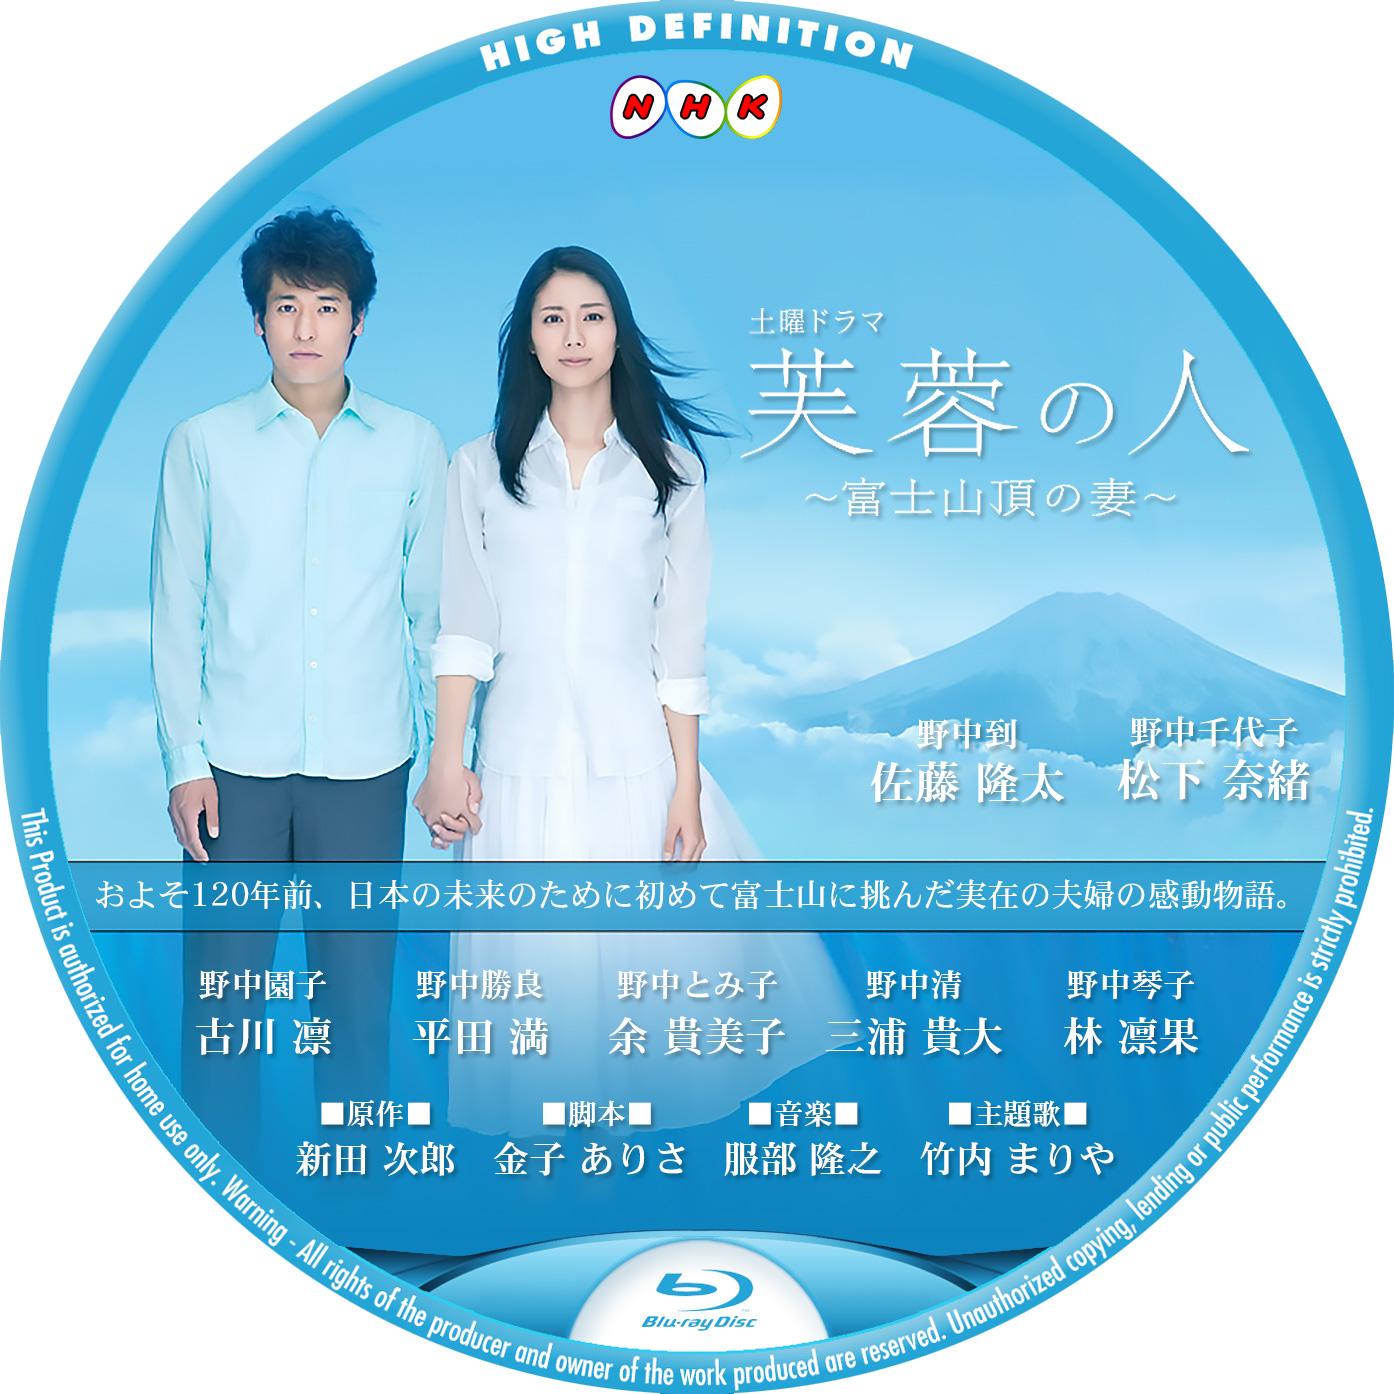 芙蓉の人 富士山 NHK ドラマ Blu-ray BDラベル